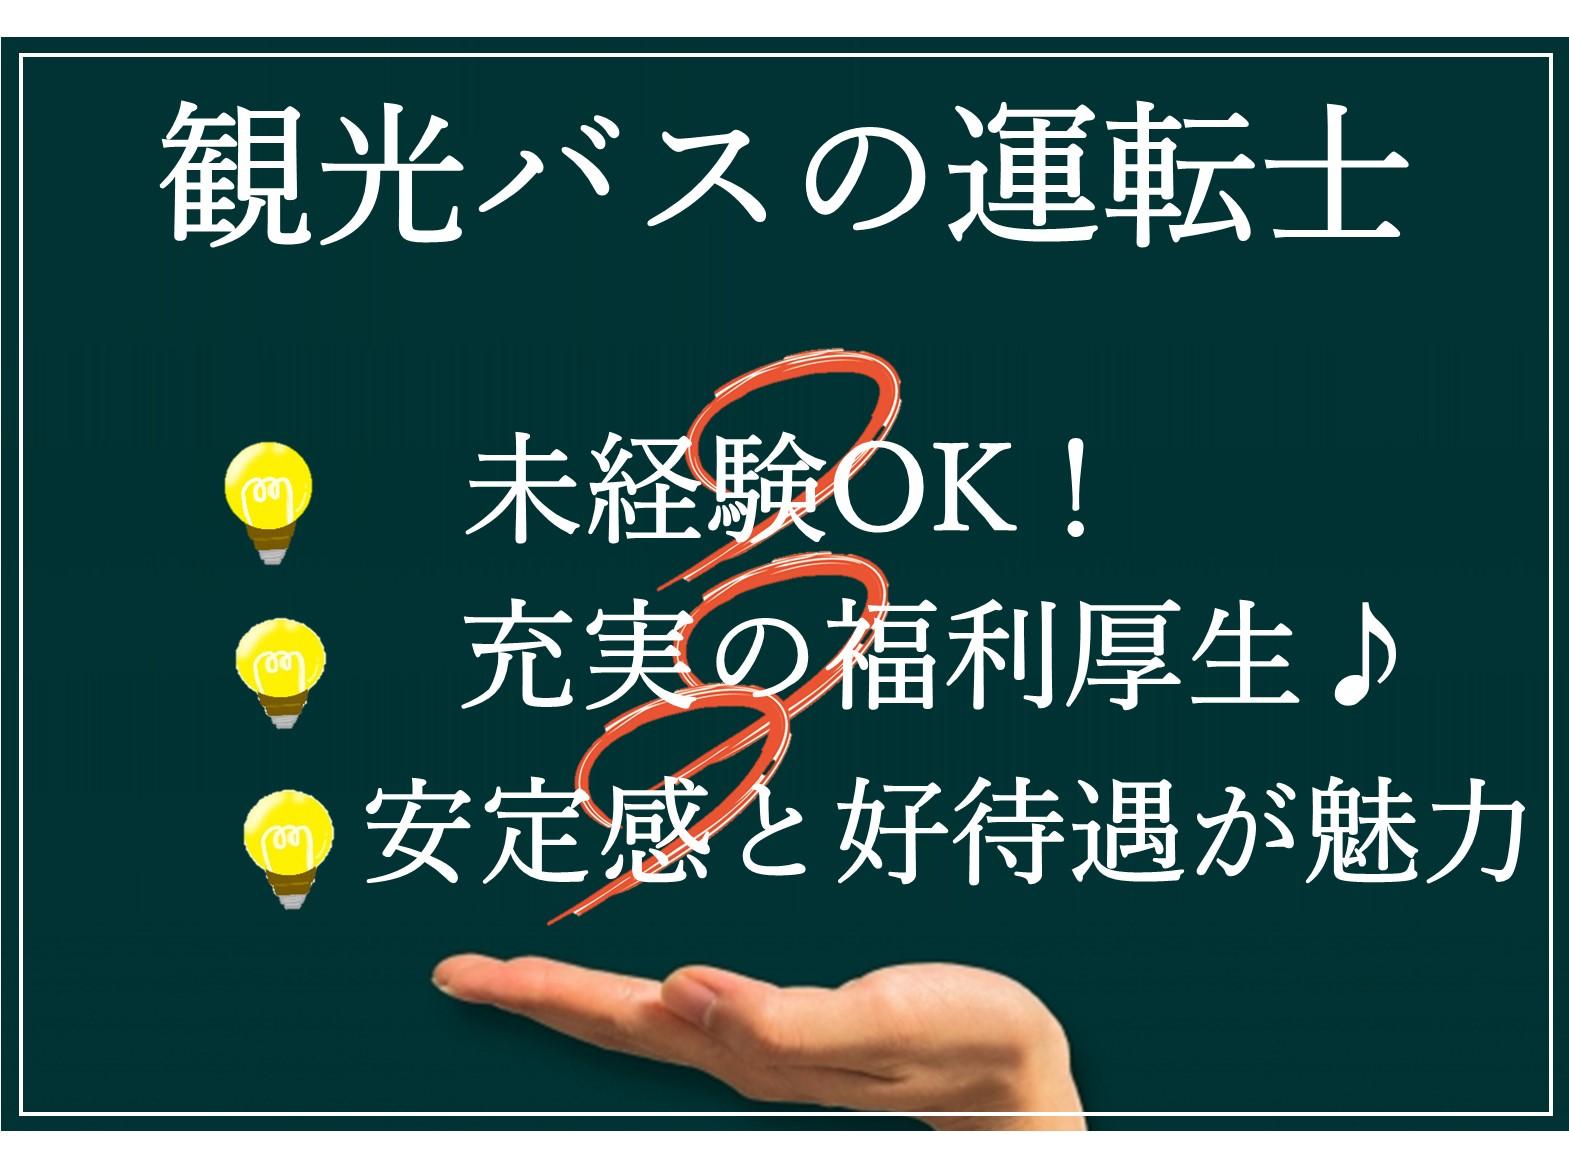 急募【正社員】未経験OK!大手の安定感と好待遇が魅力!観光バス運転士 イメージ